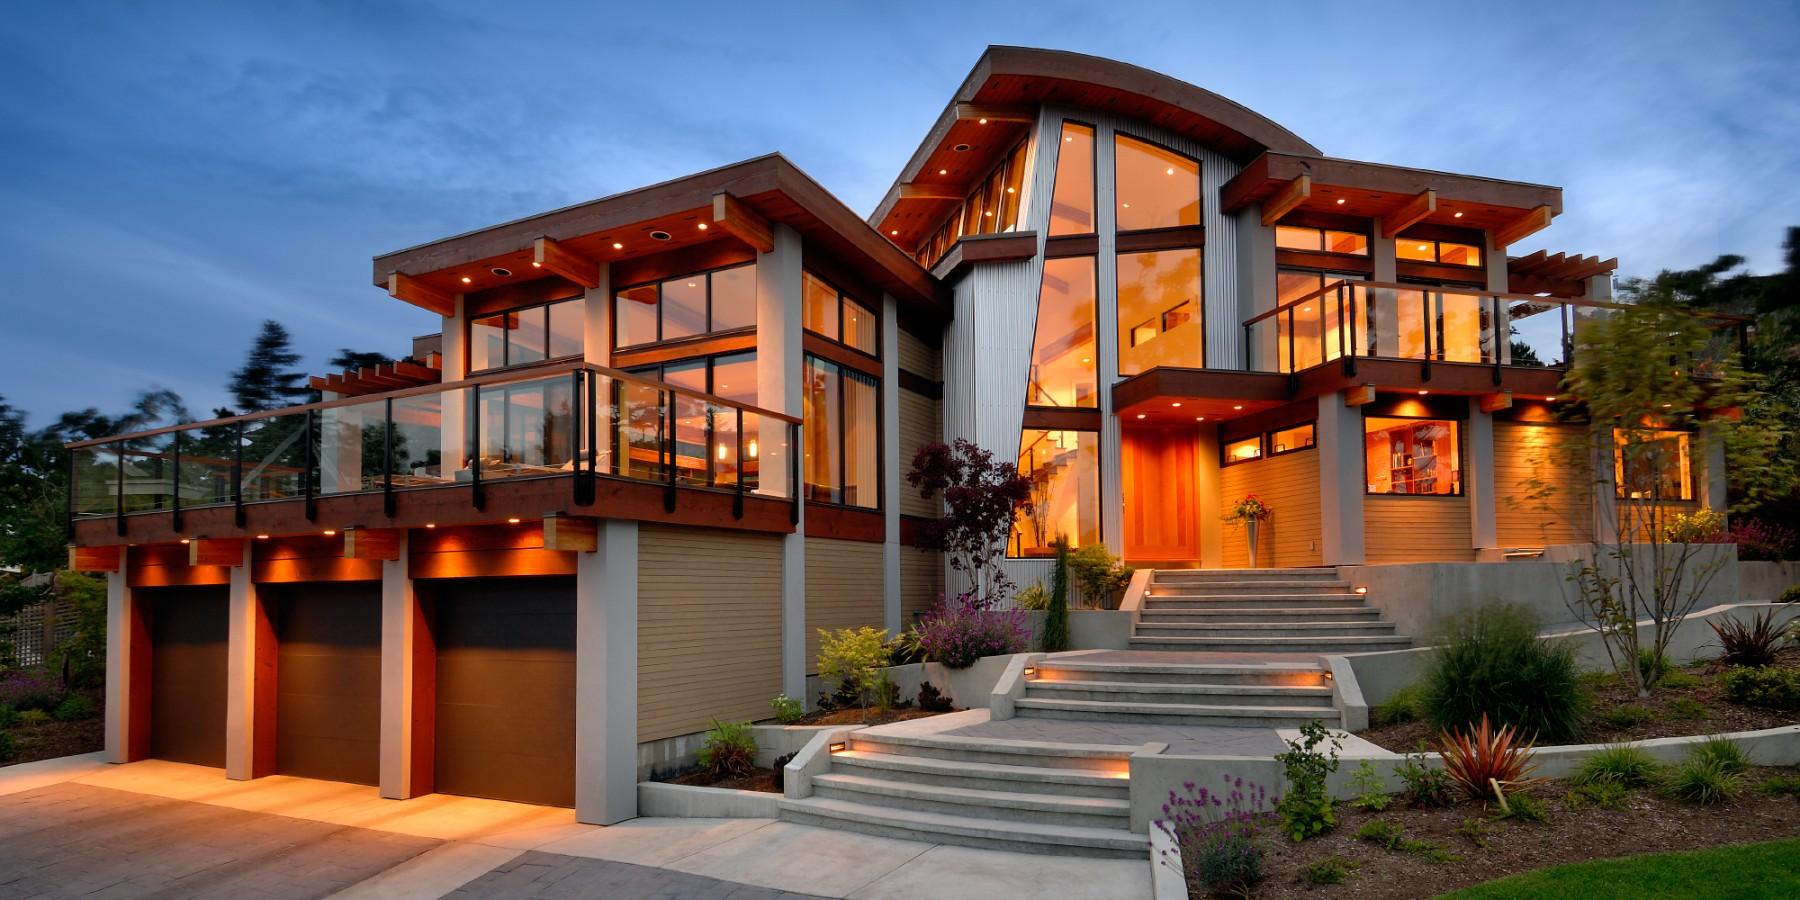 摩石建筑  remax 房地产 开发商